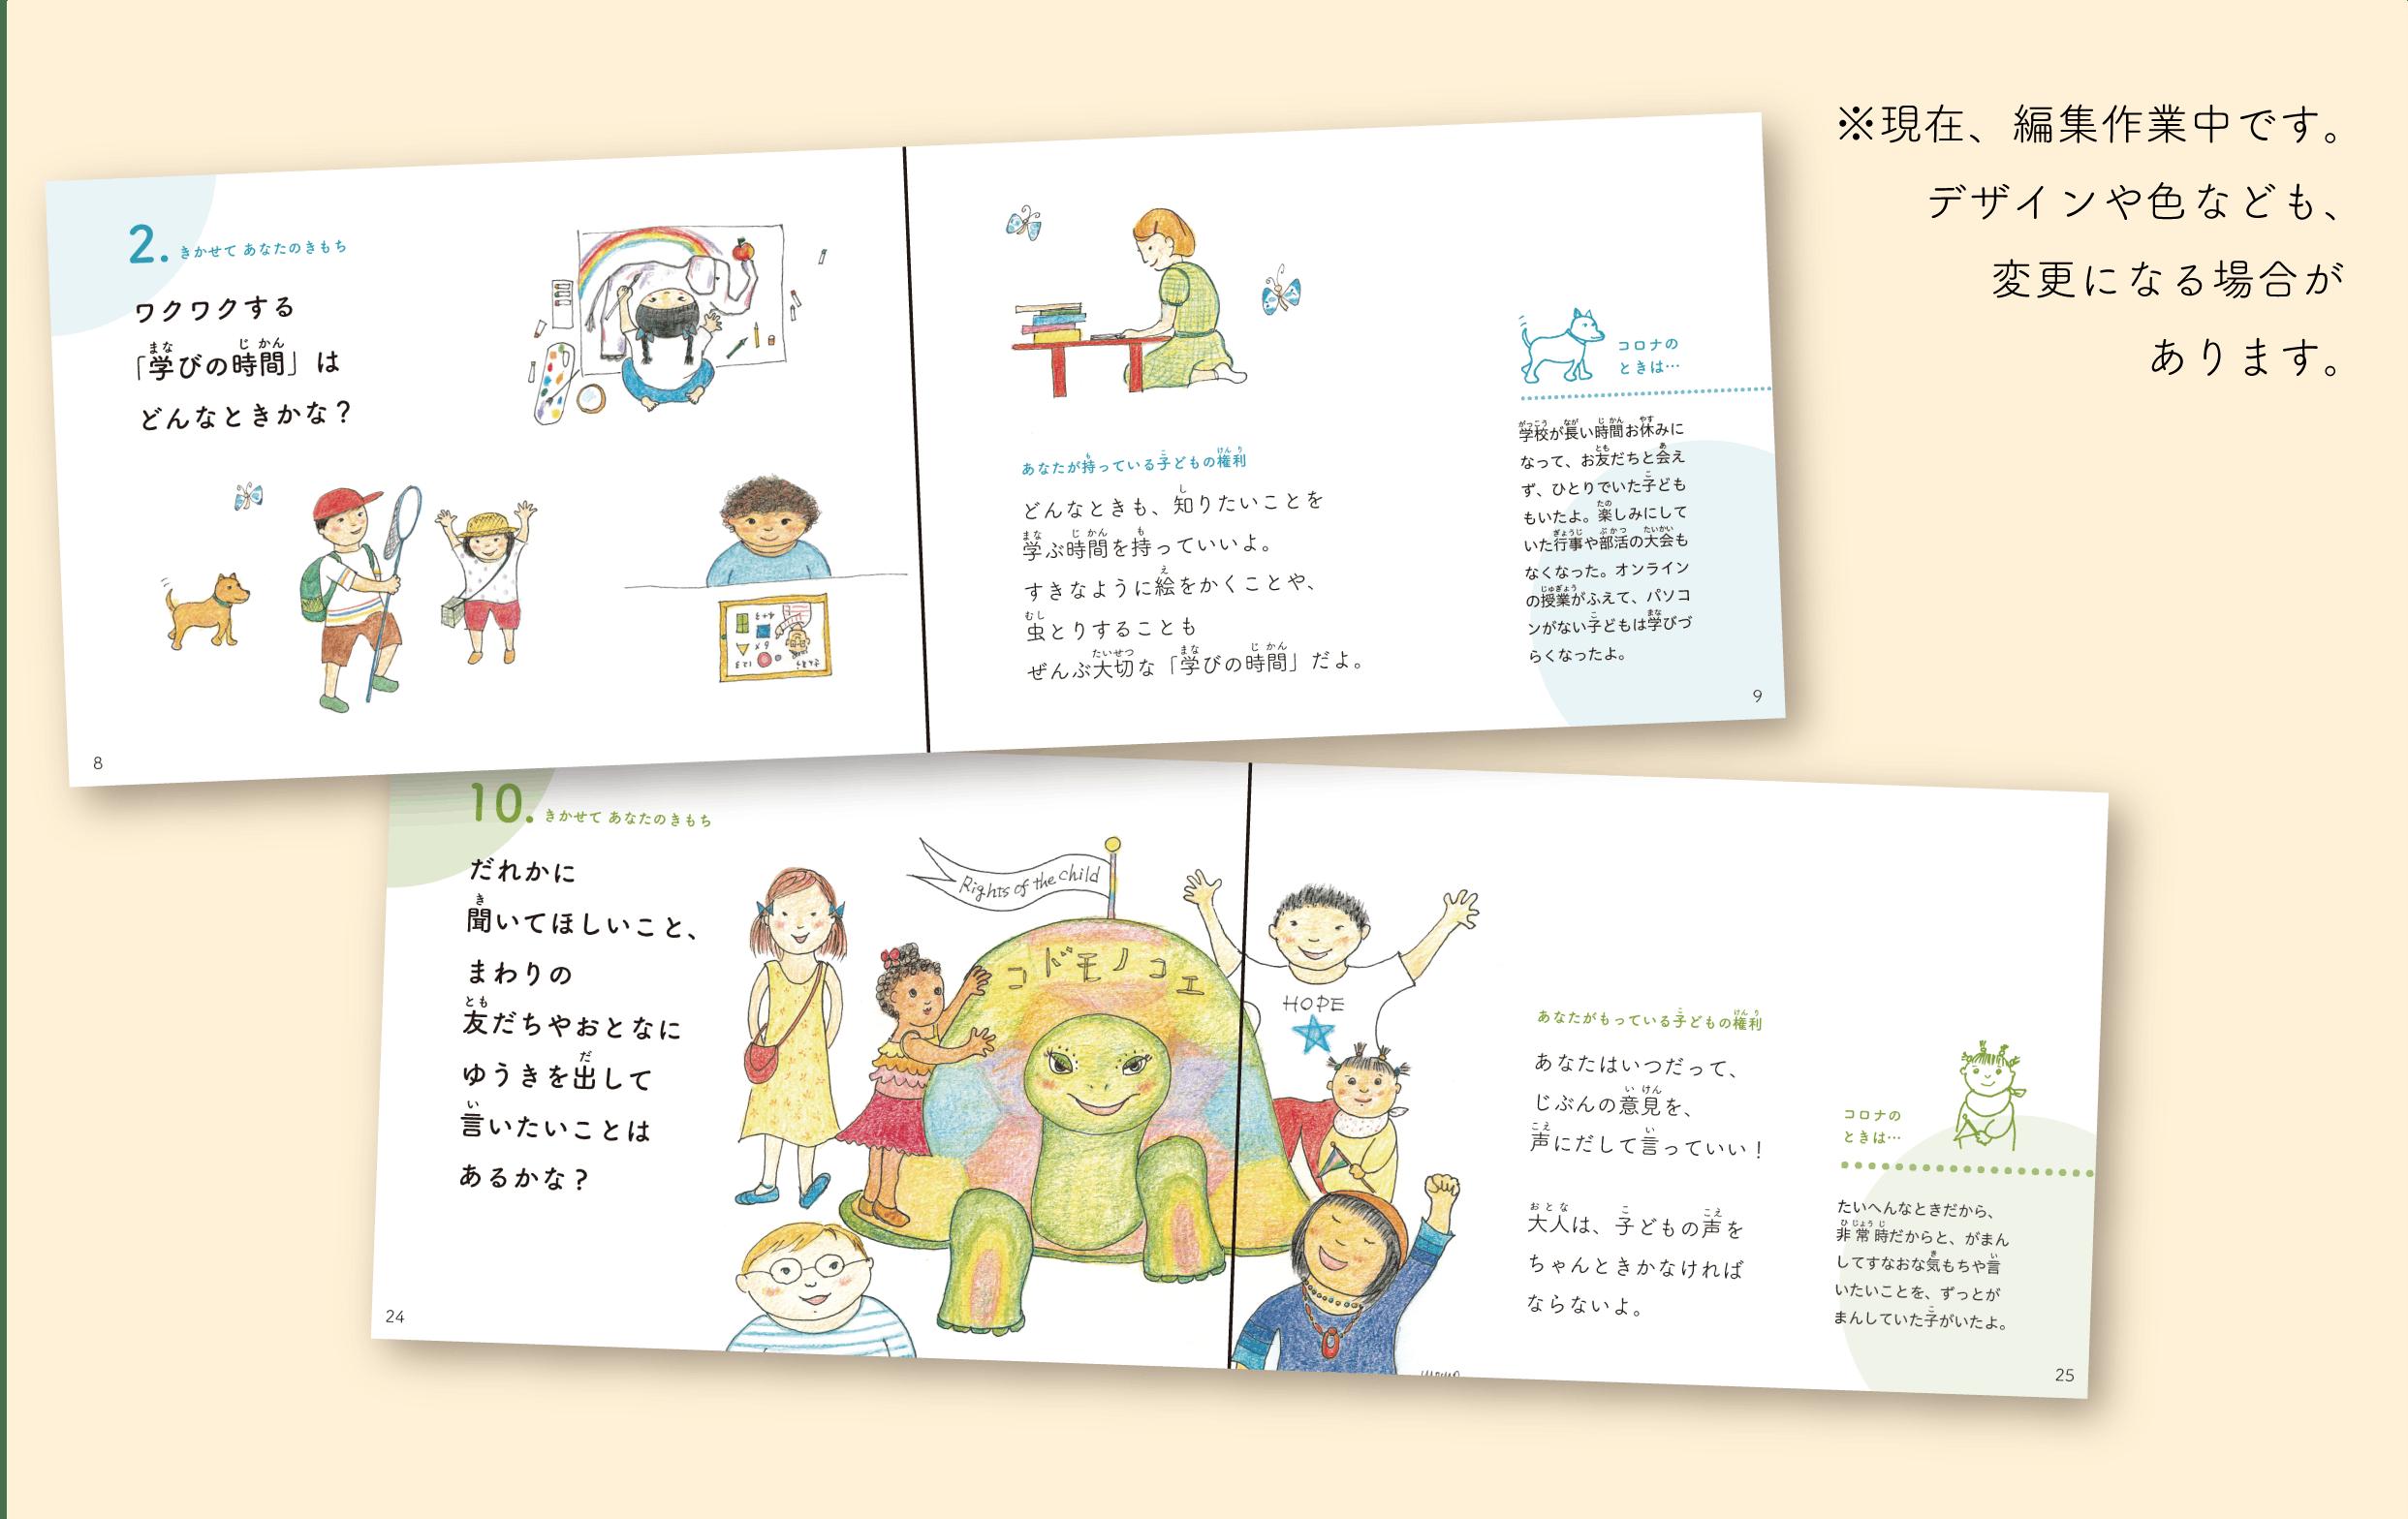 クラファン「子どもの権利絵本出版プロジェクト」始まります_a0374325_17163754.png